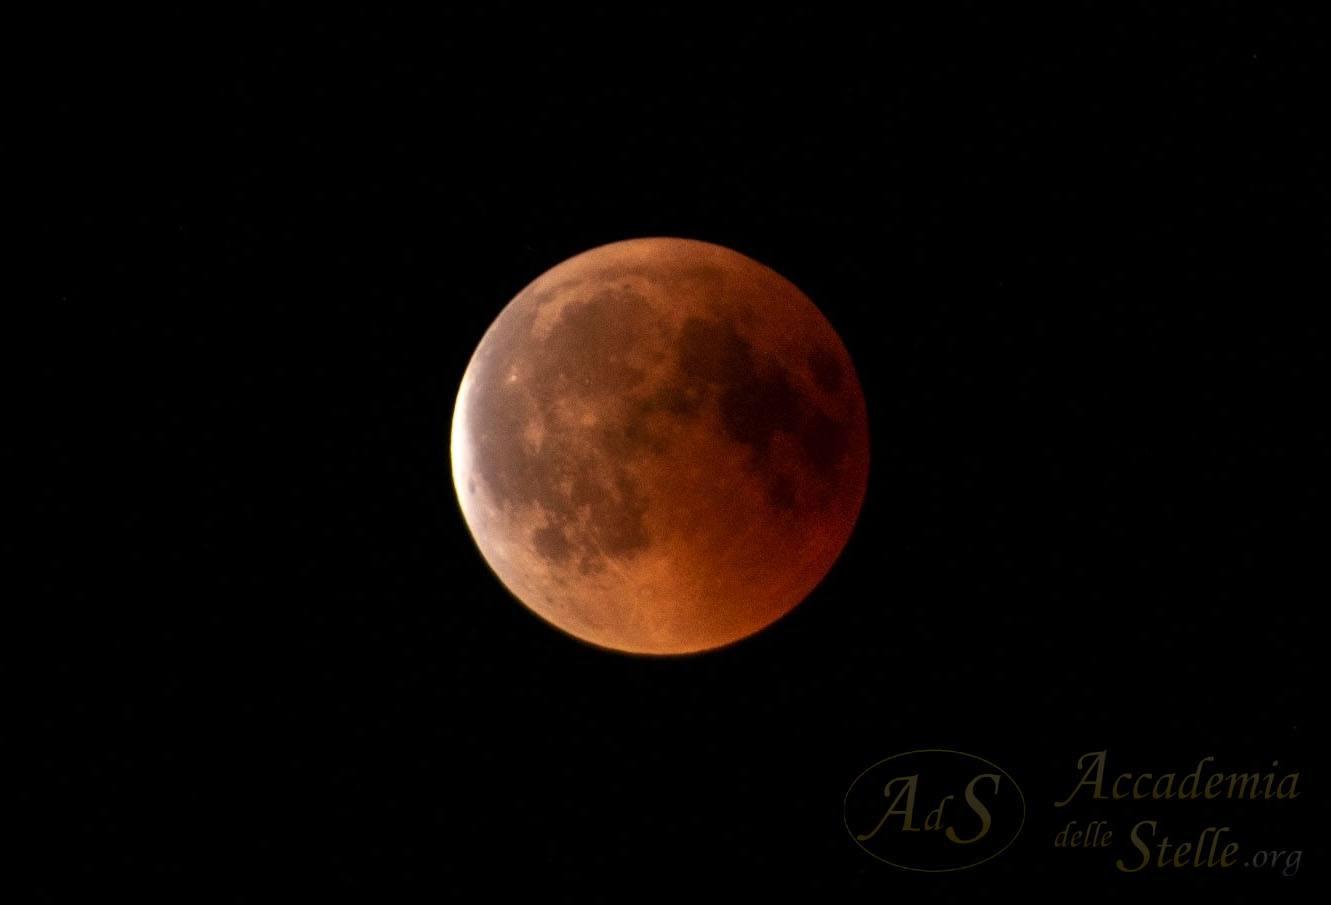 L'eclissi ripresa da Giuseppe Caracciolo attraverso il suo Newton fotografico 200/800 messo a disposizione dell'evento a Ostia Antica.